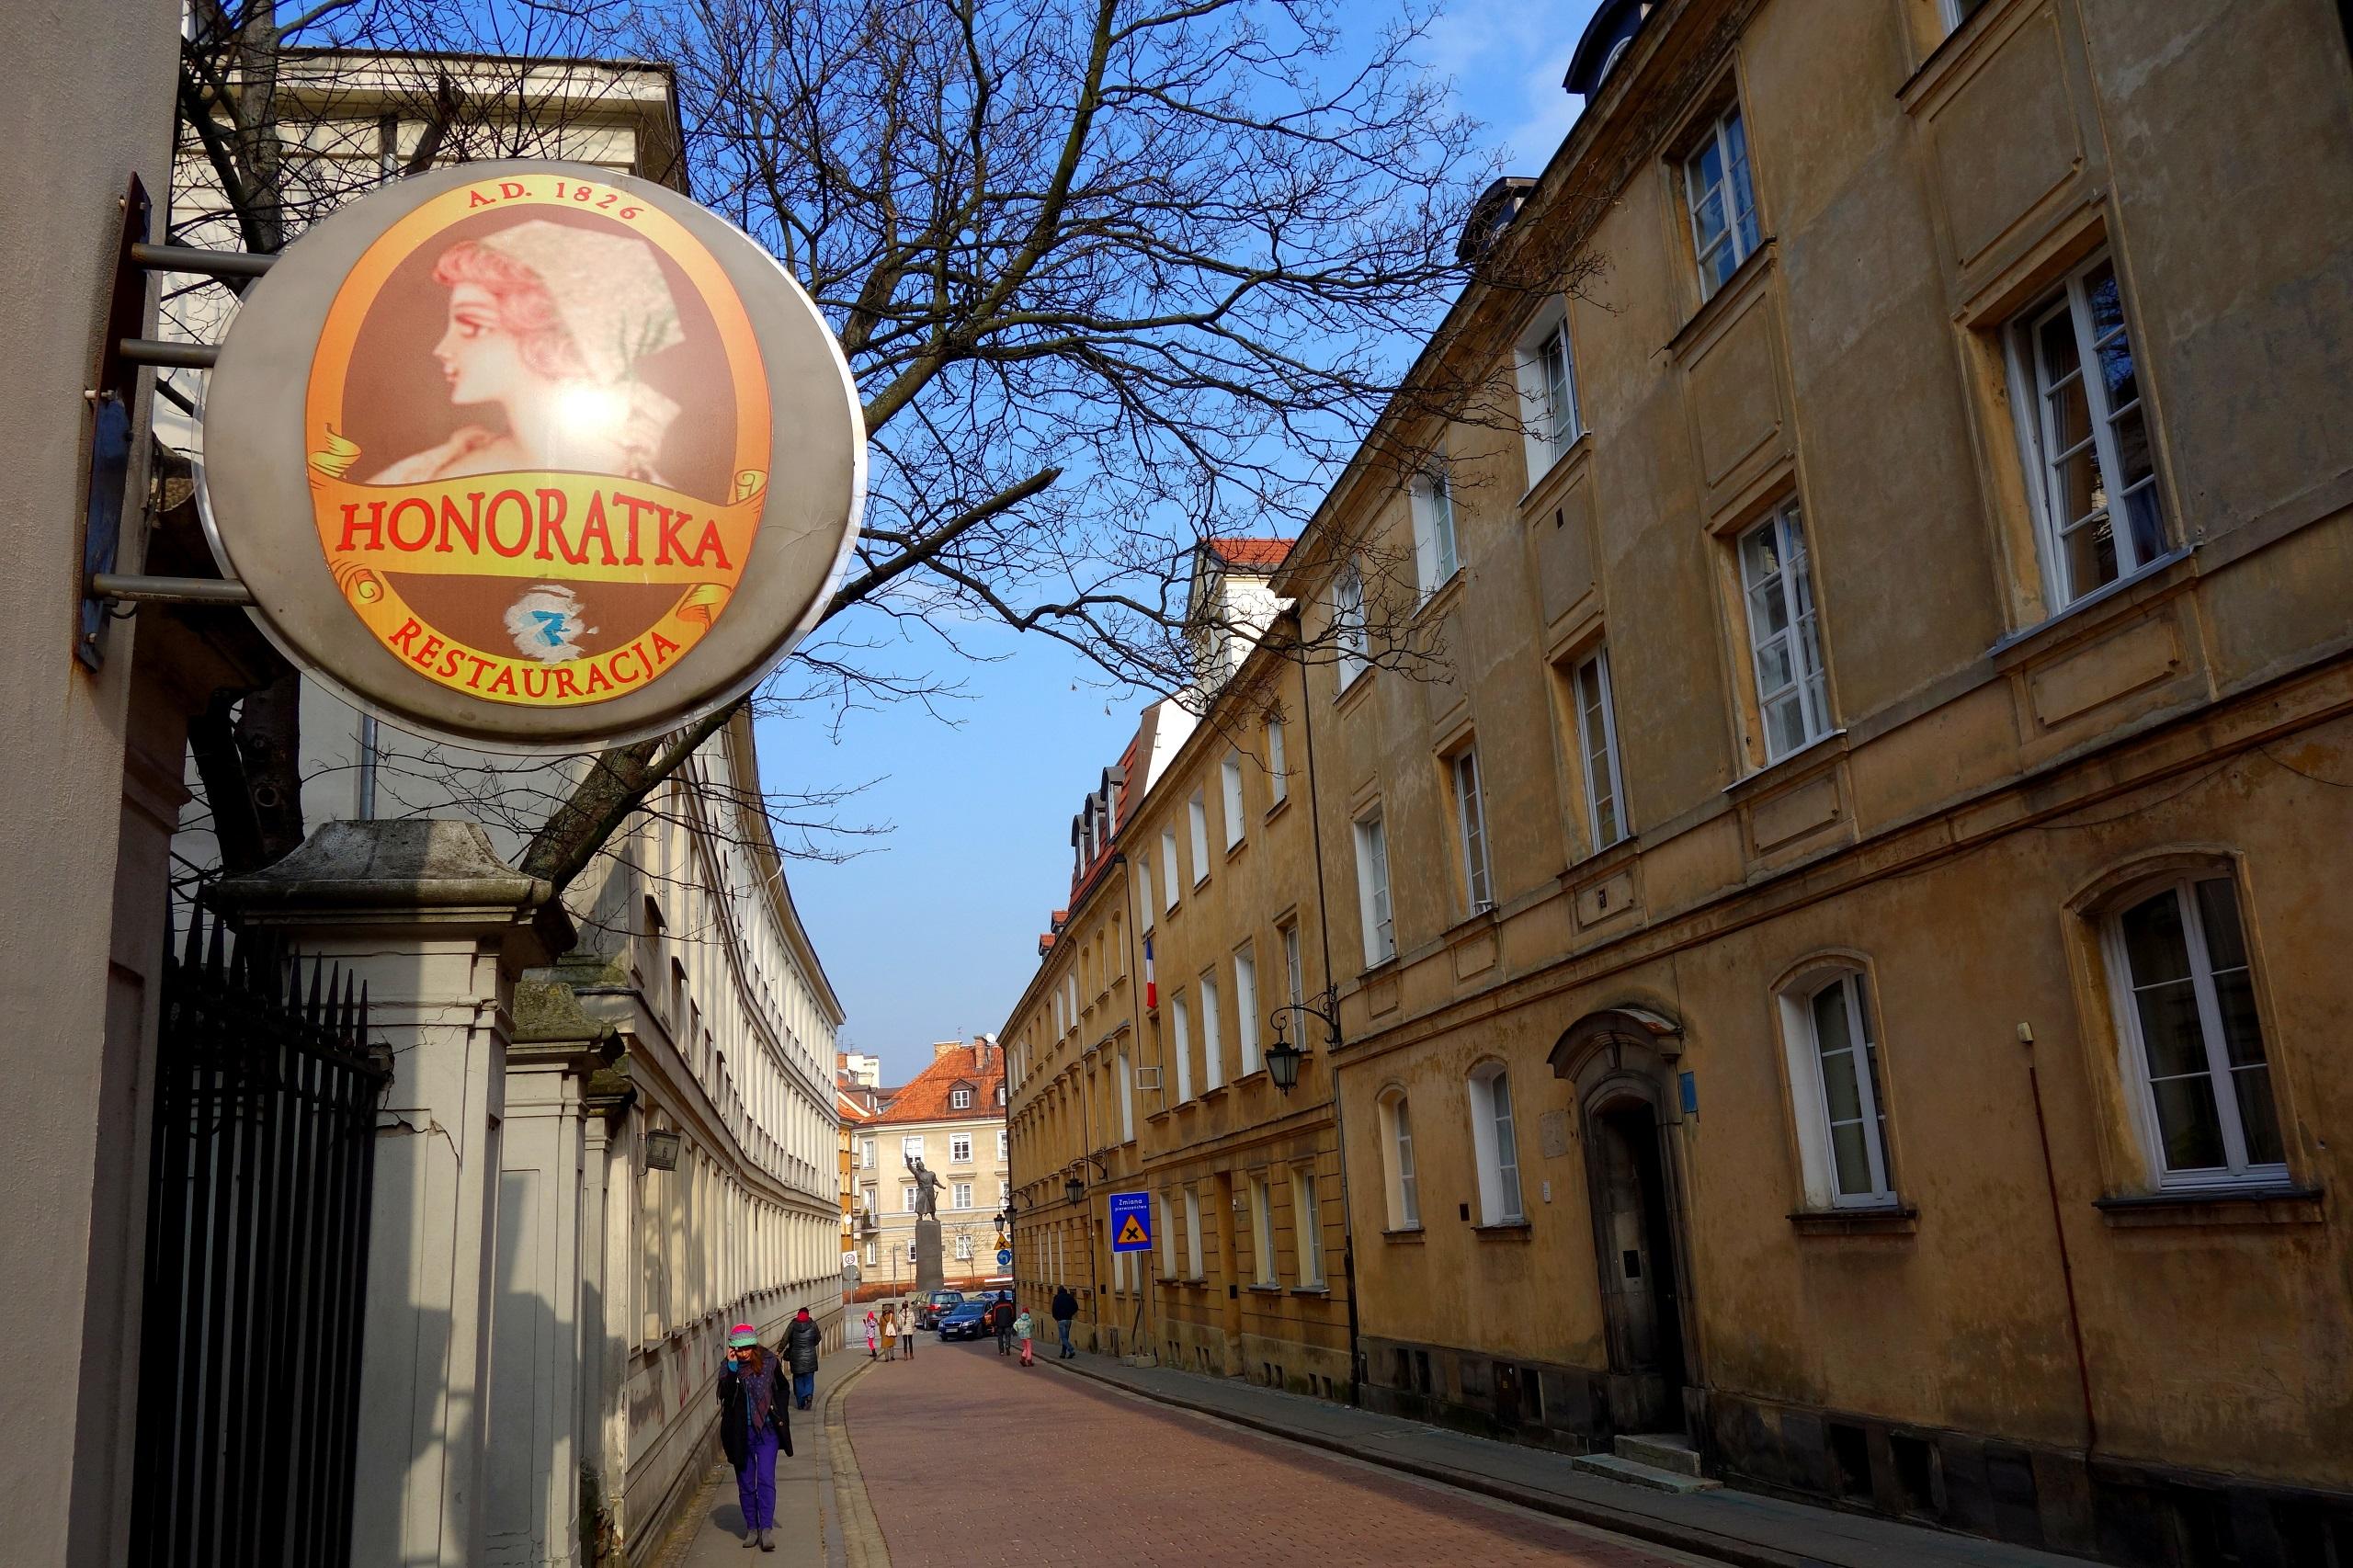 Cukiernie i kawiarnie w Warszawie - dawniej i dziś! Honoratka przy ulicy Miodowej